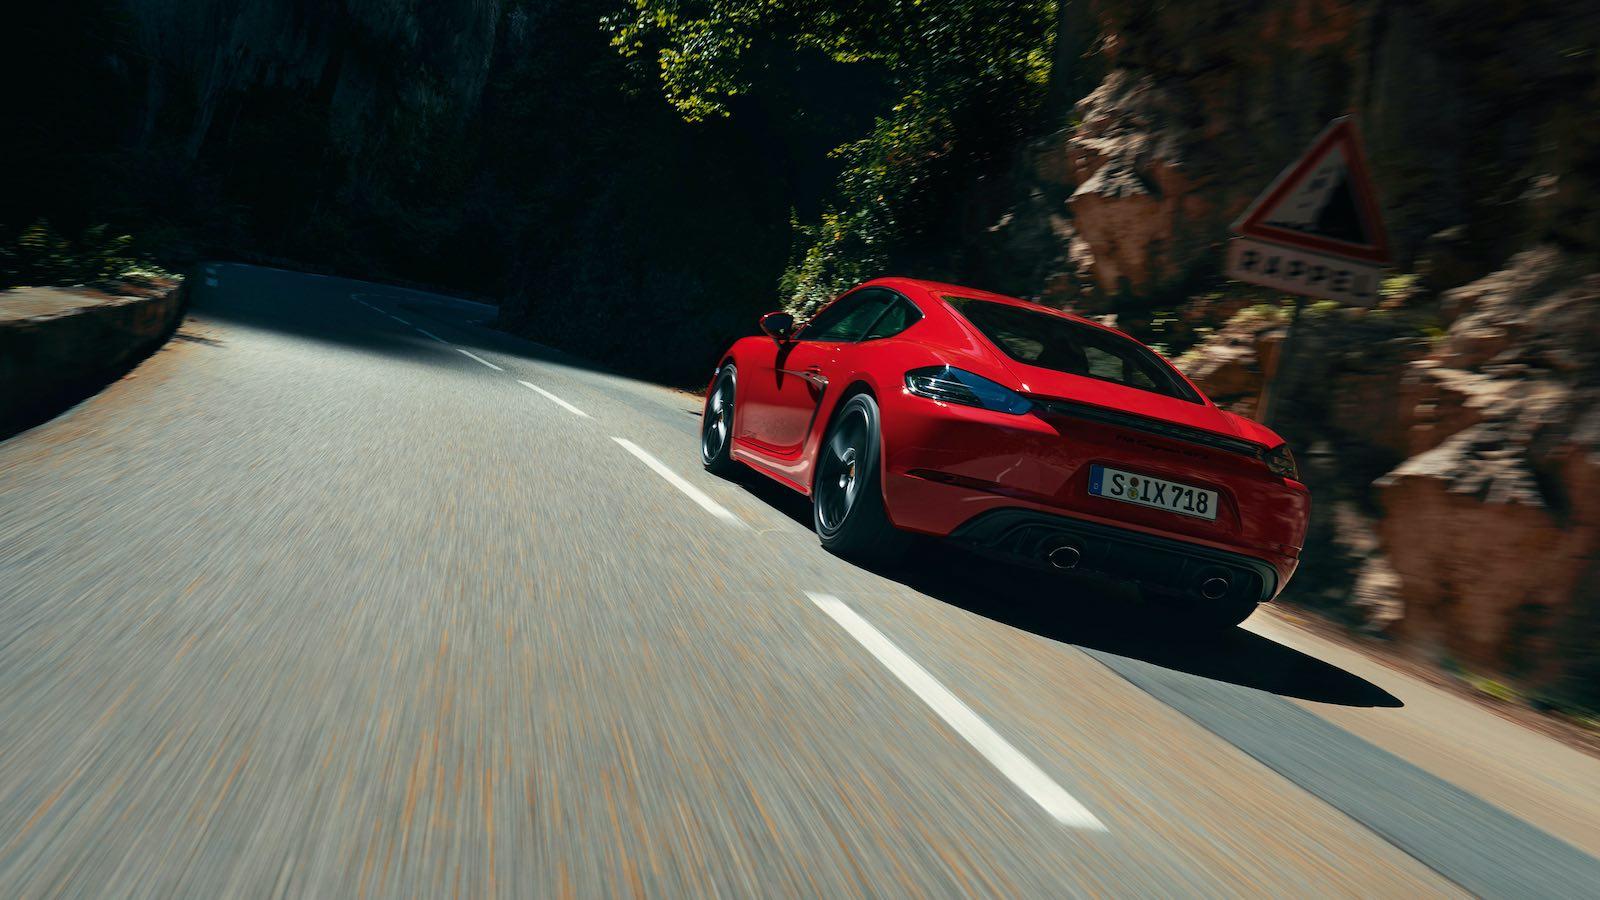 Nuevos modelos 718 GTS 4.0: puro placer de conducir